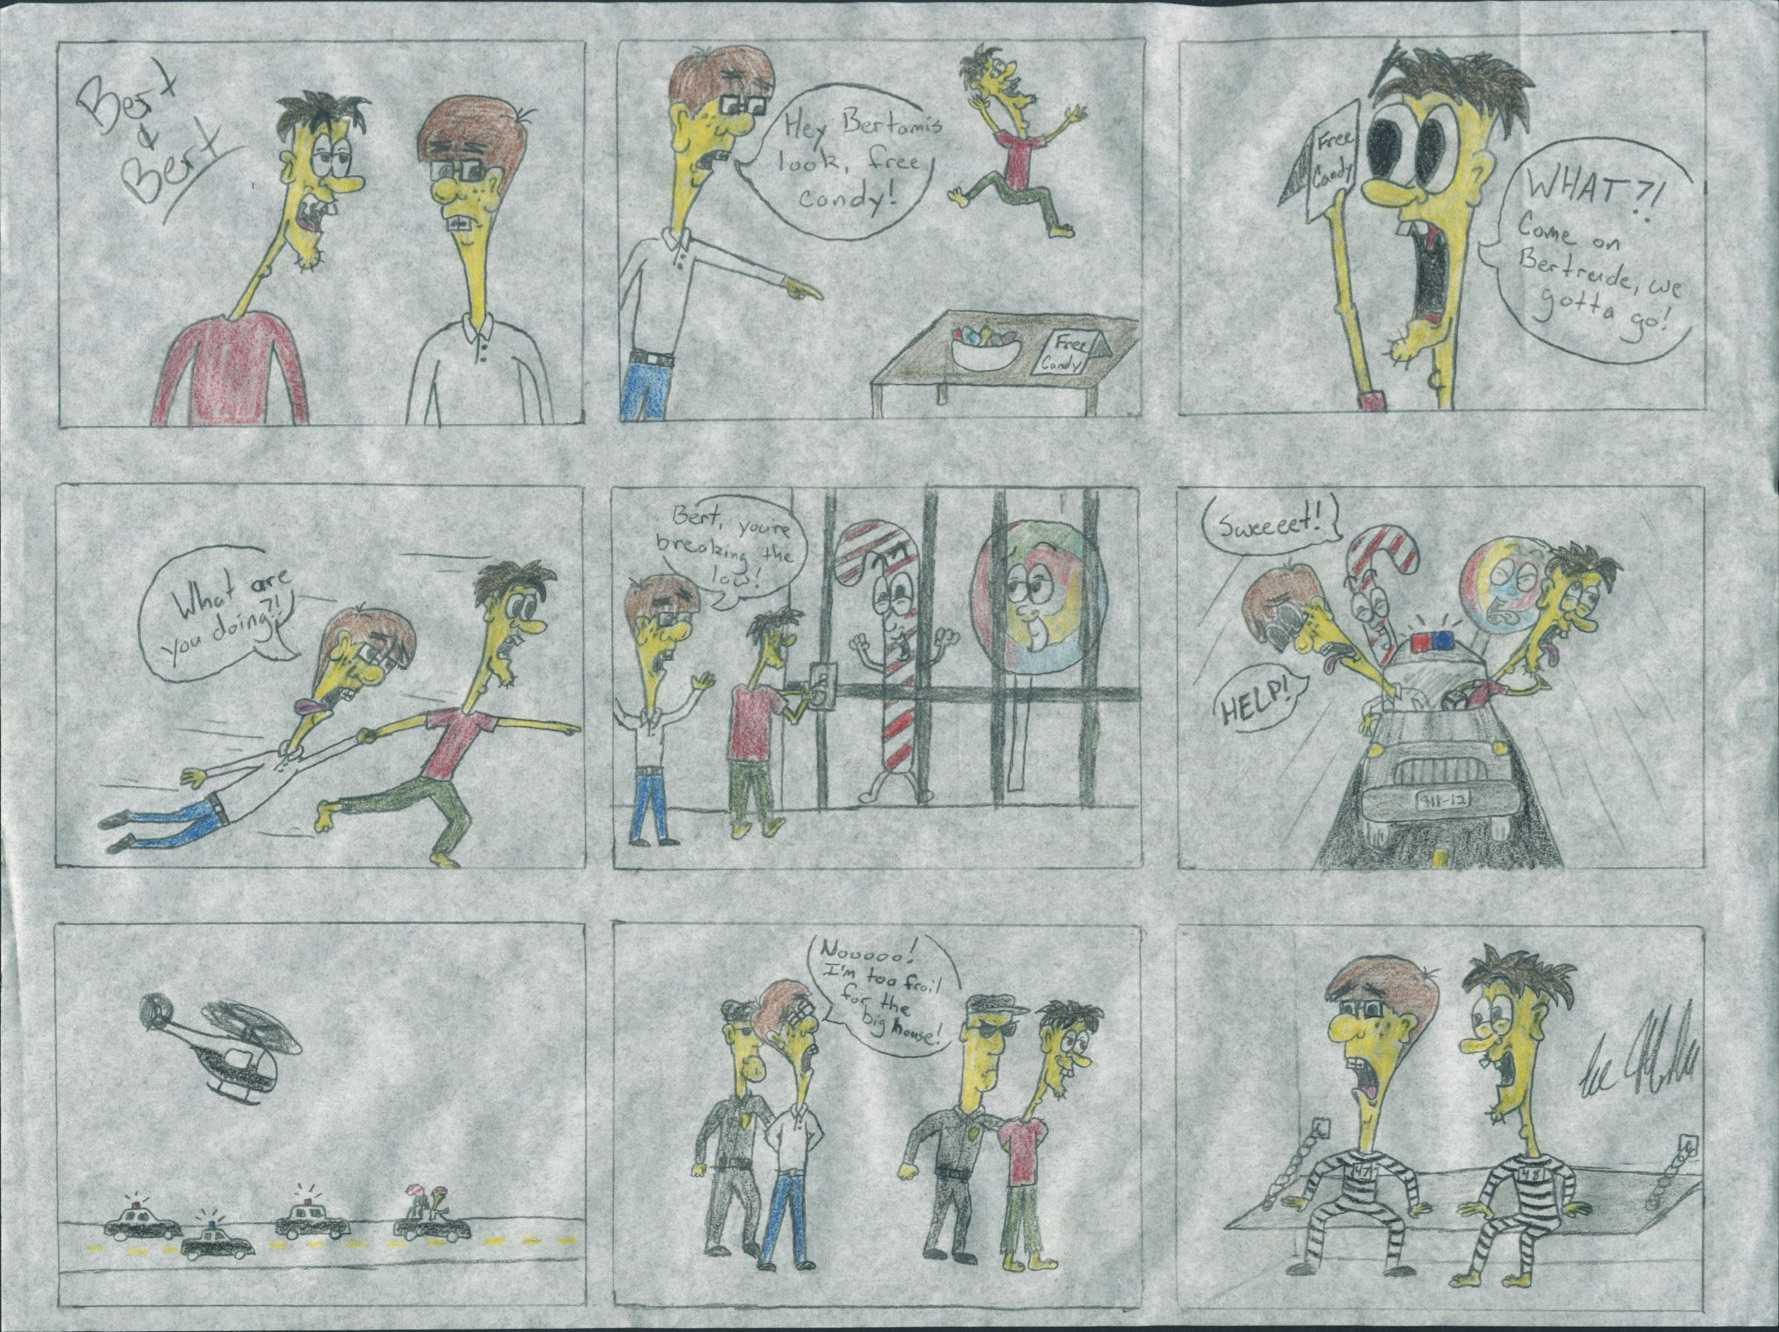 Bert and Bert land in prison